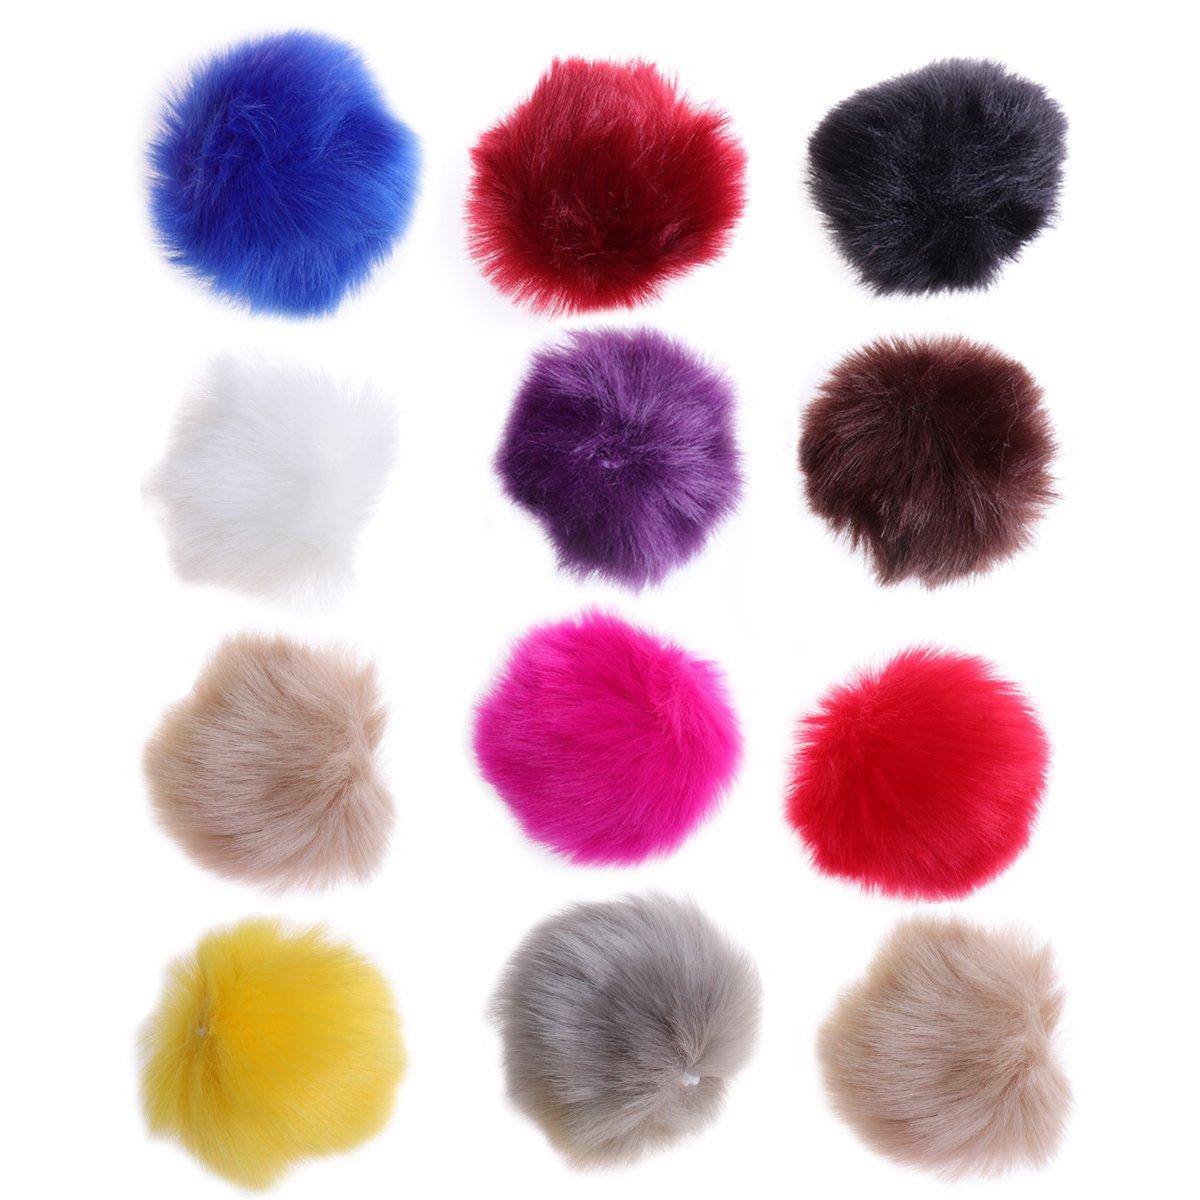 ULTNICE 12 pz Faux Fur Pom Poms DIY Fluffy Ball per Maglieria Cappelli Sciarpe Borse Charms